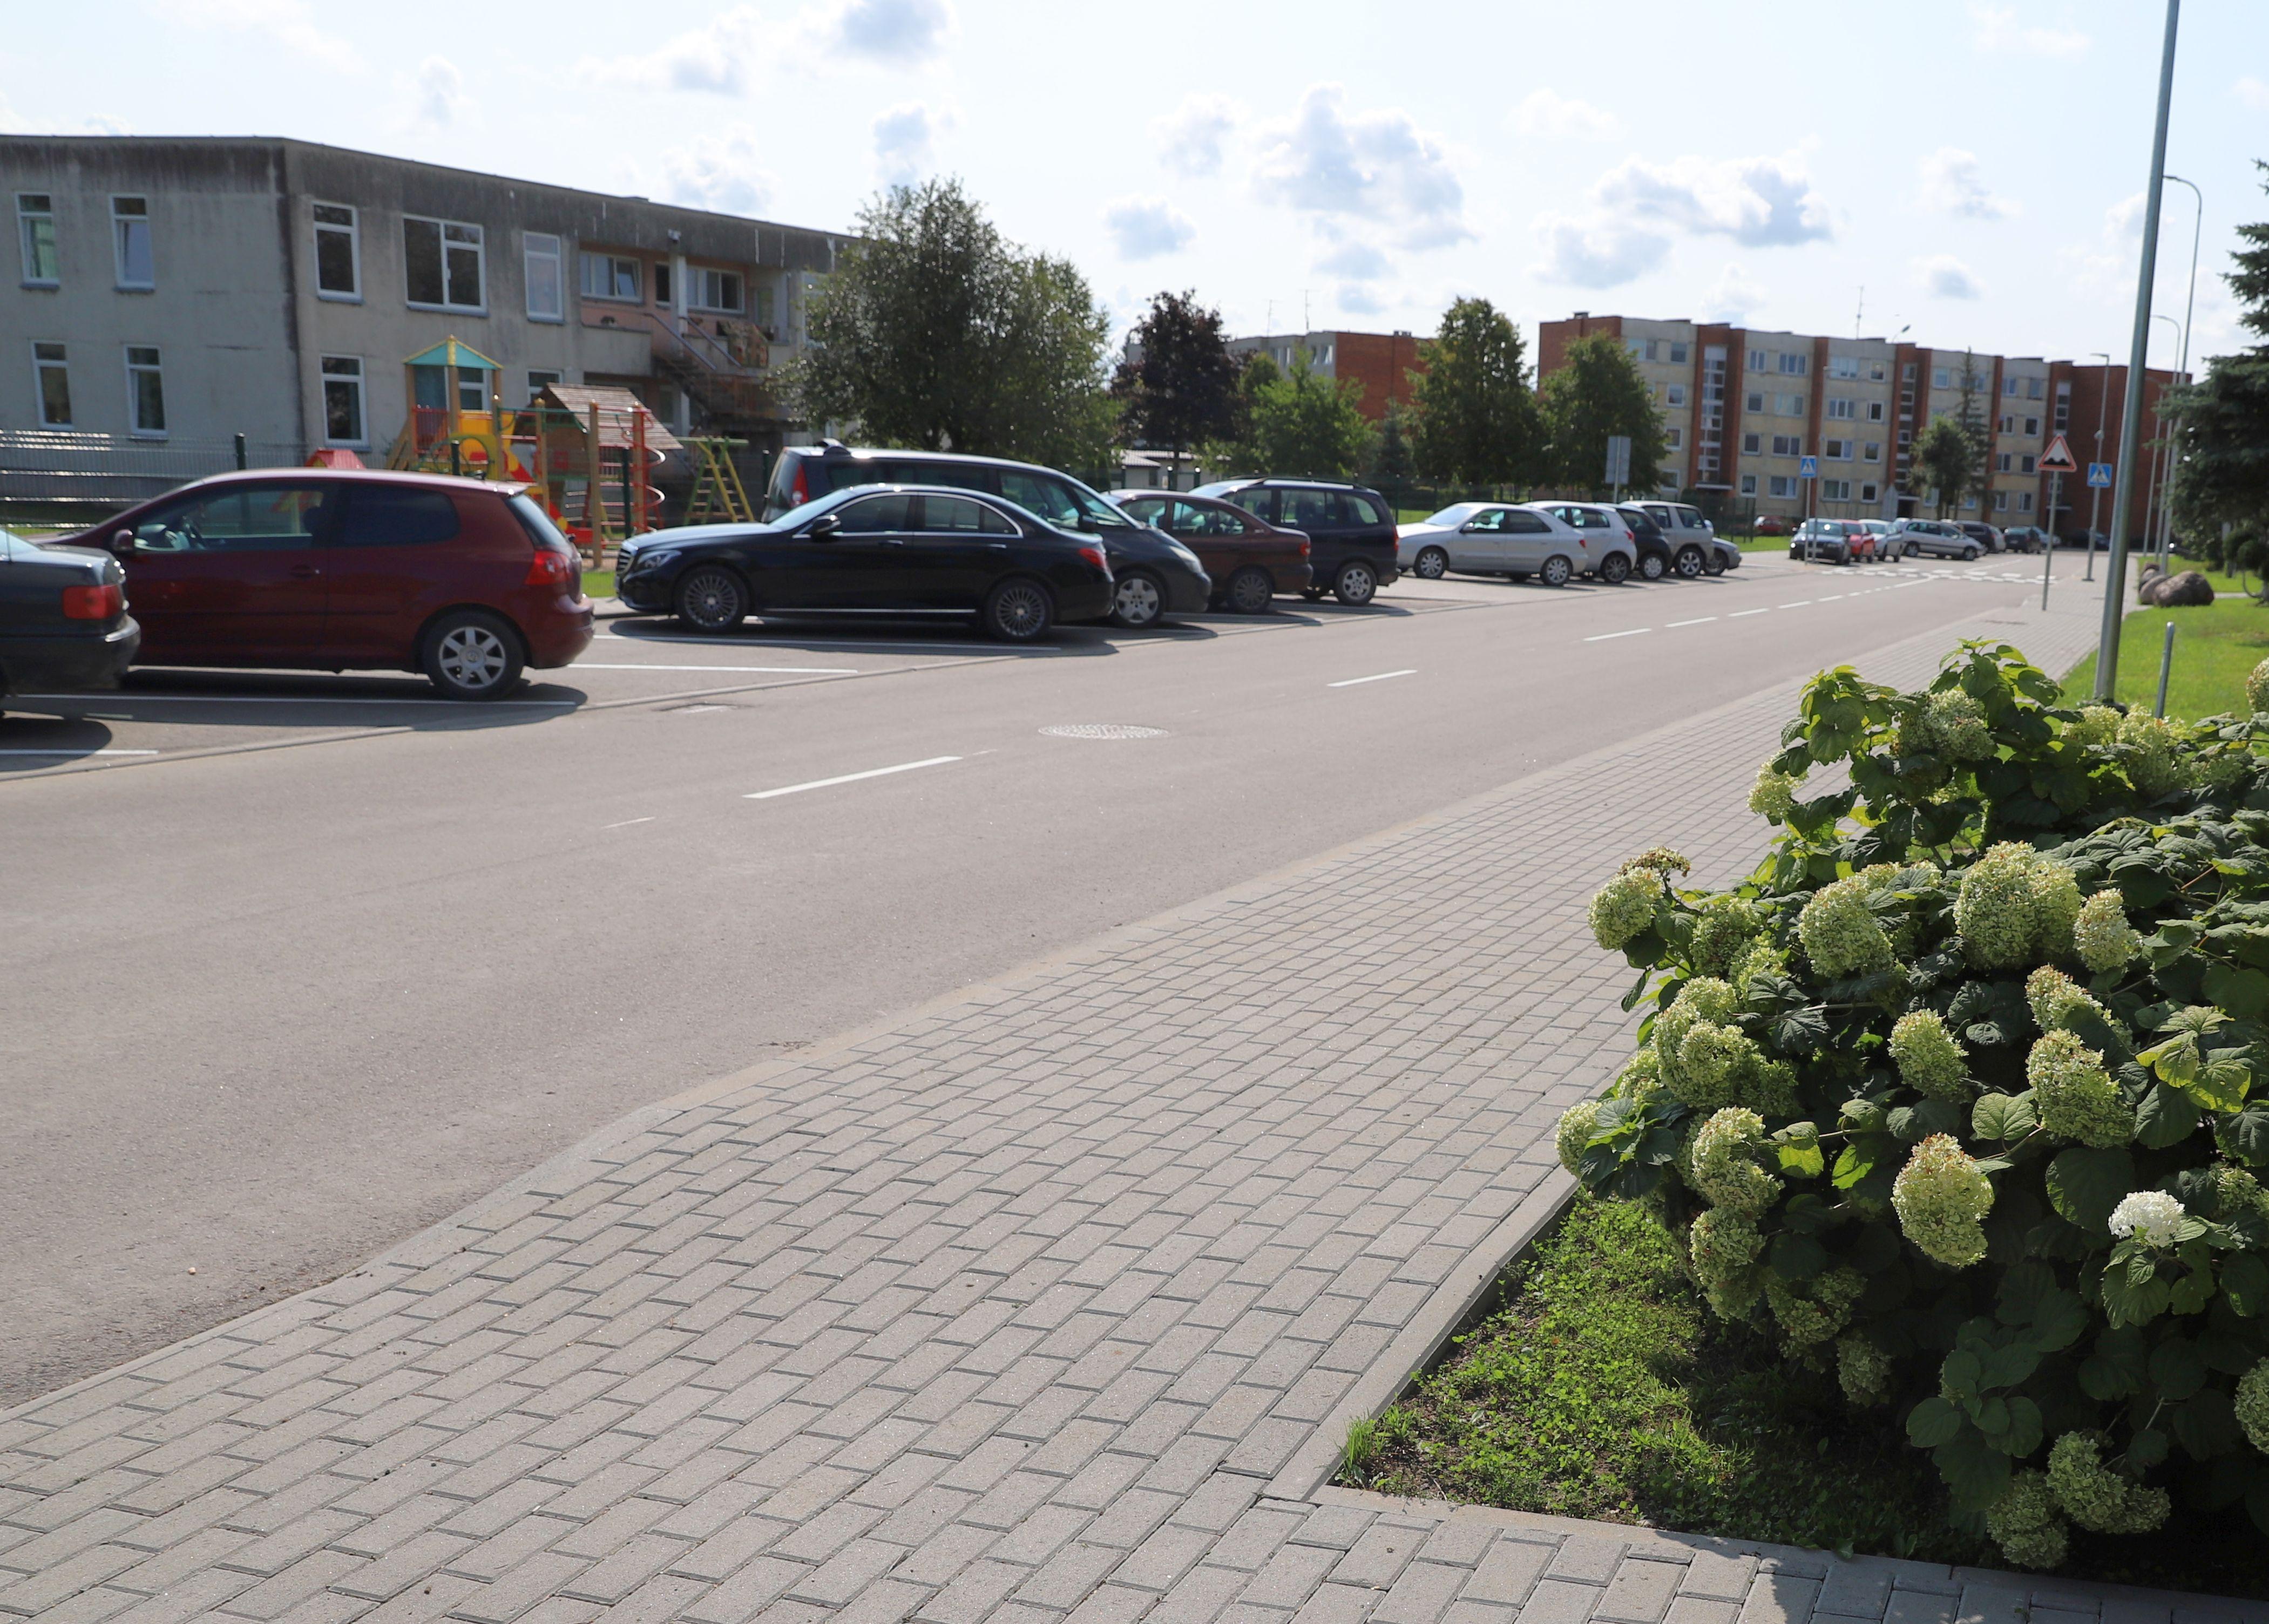 Kriauzų mokykla-darželis Vyturių gatvėje | Kauno rajono savivaldybės nuotr.